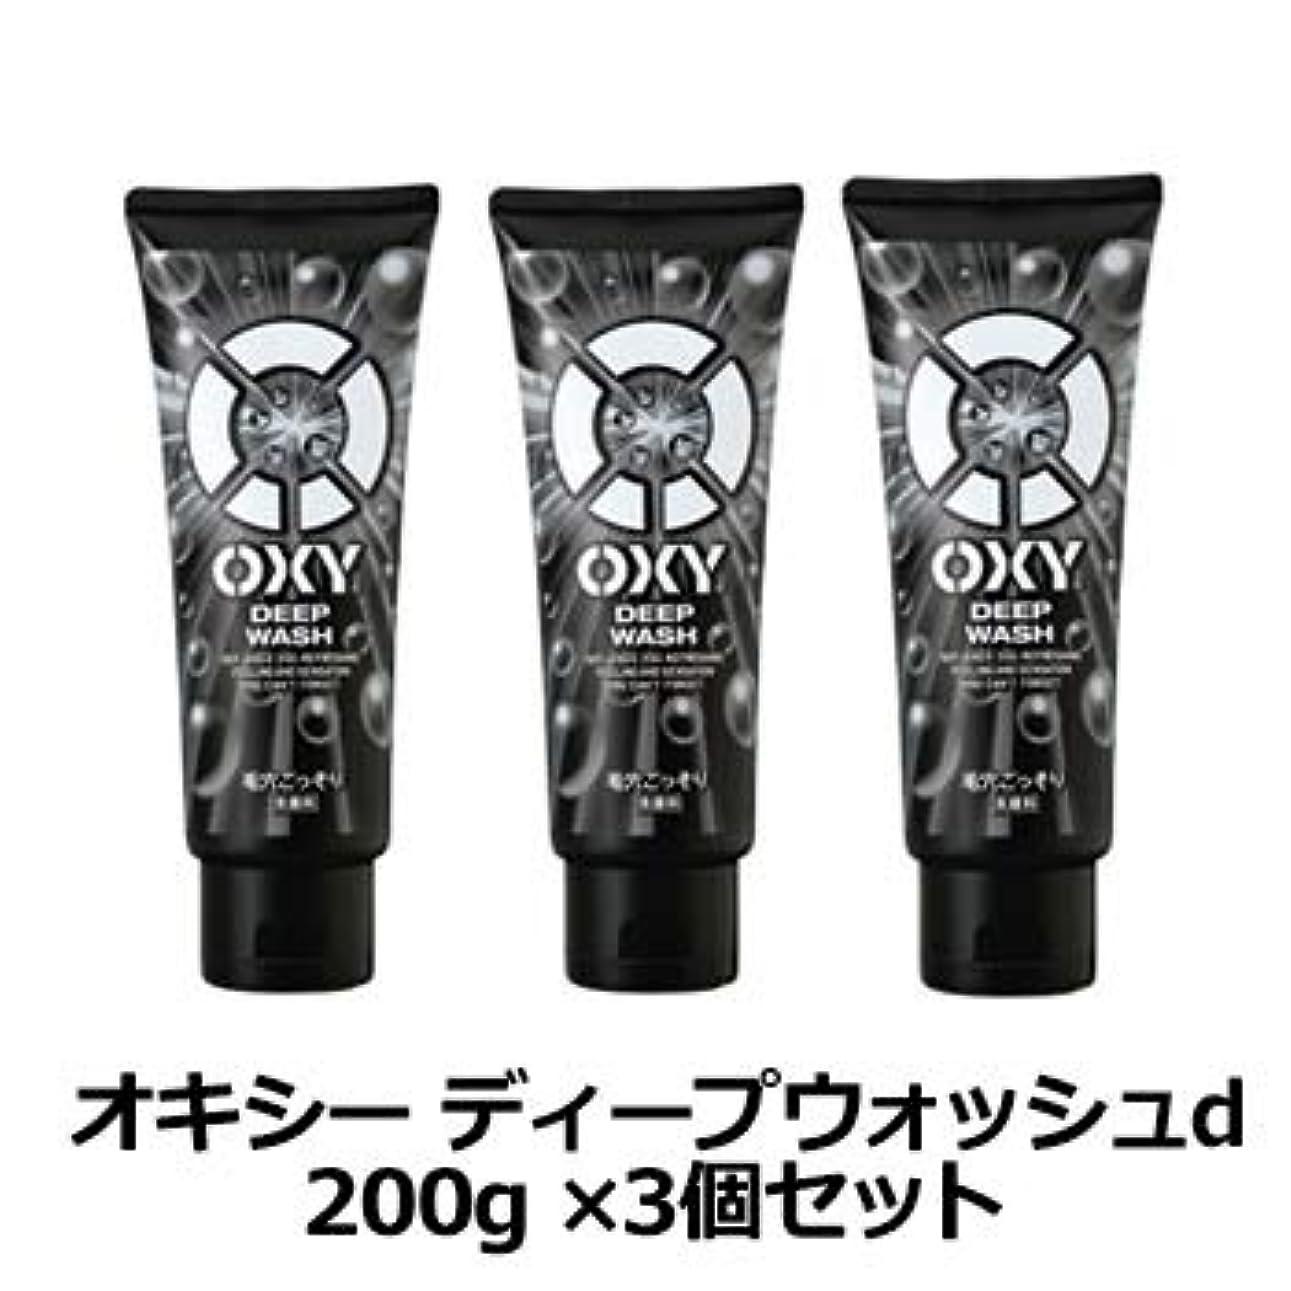 オキシー ディープウォッシュ 200g ×3個セット